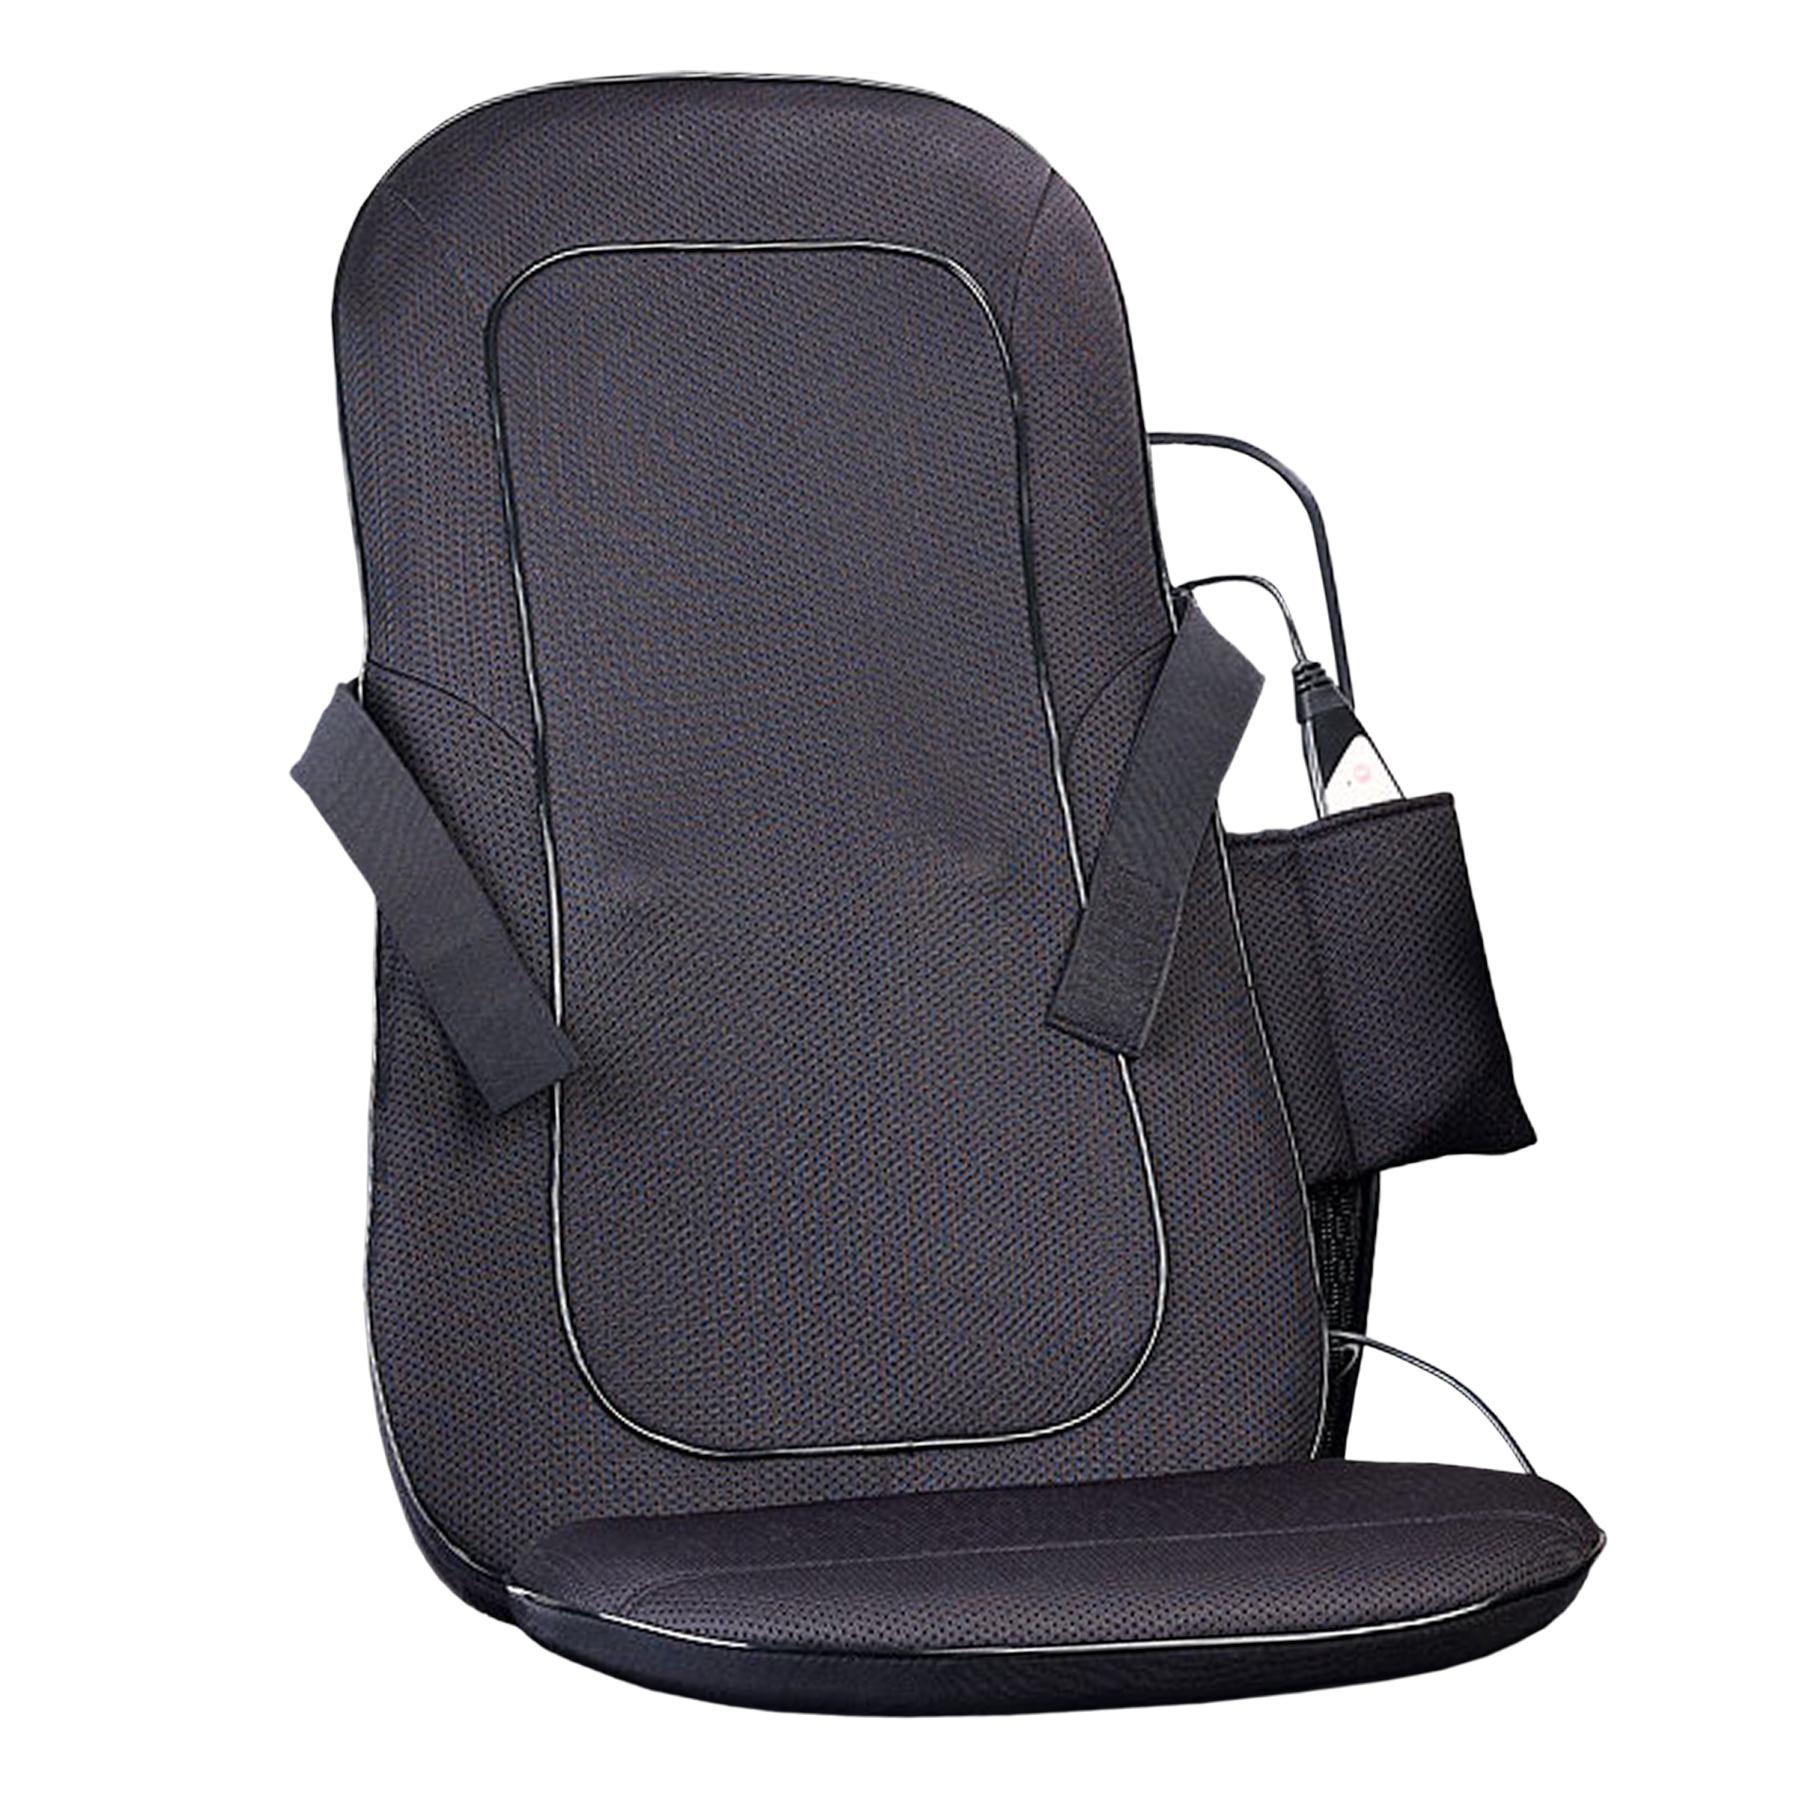 Massagematte mit Wärmefunktion - Sitzauflage Deluxe - 2